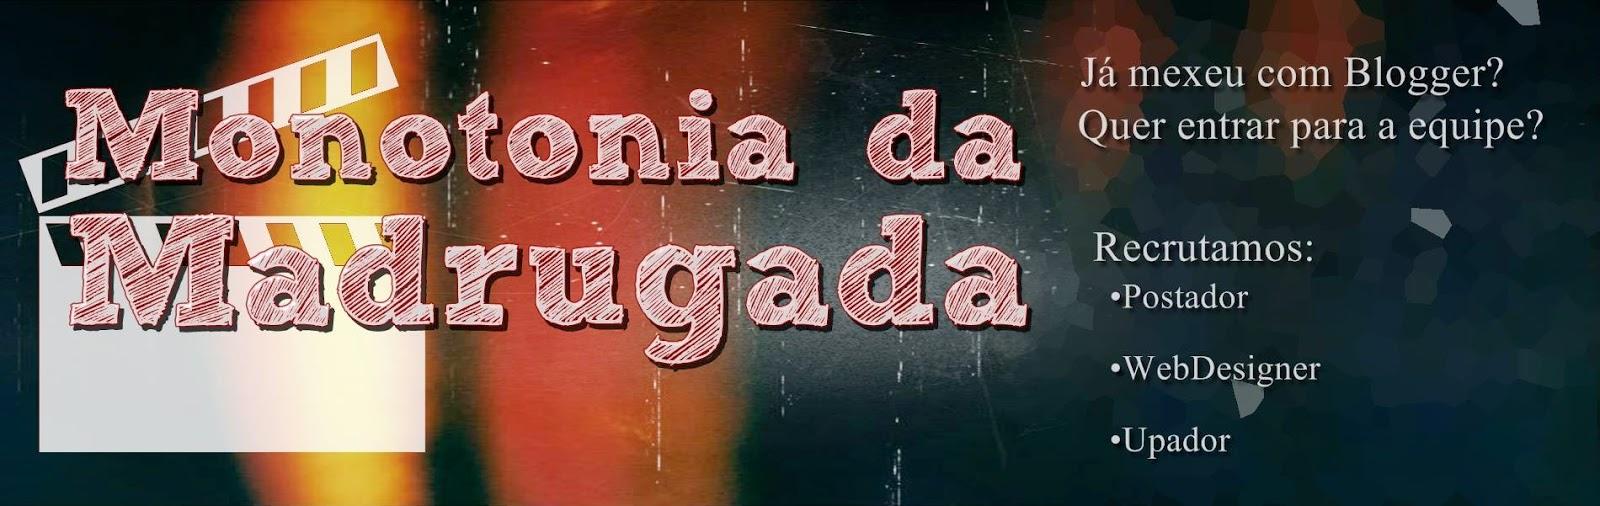 http://monotoniadamadrugada.blogspot.com.br/2015/03/siga-as-instrucoes-seu-nome-cargo.html